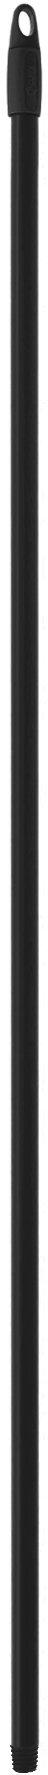 Ручка 24мм., для насадок серии BRICO 150см.,